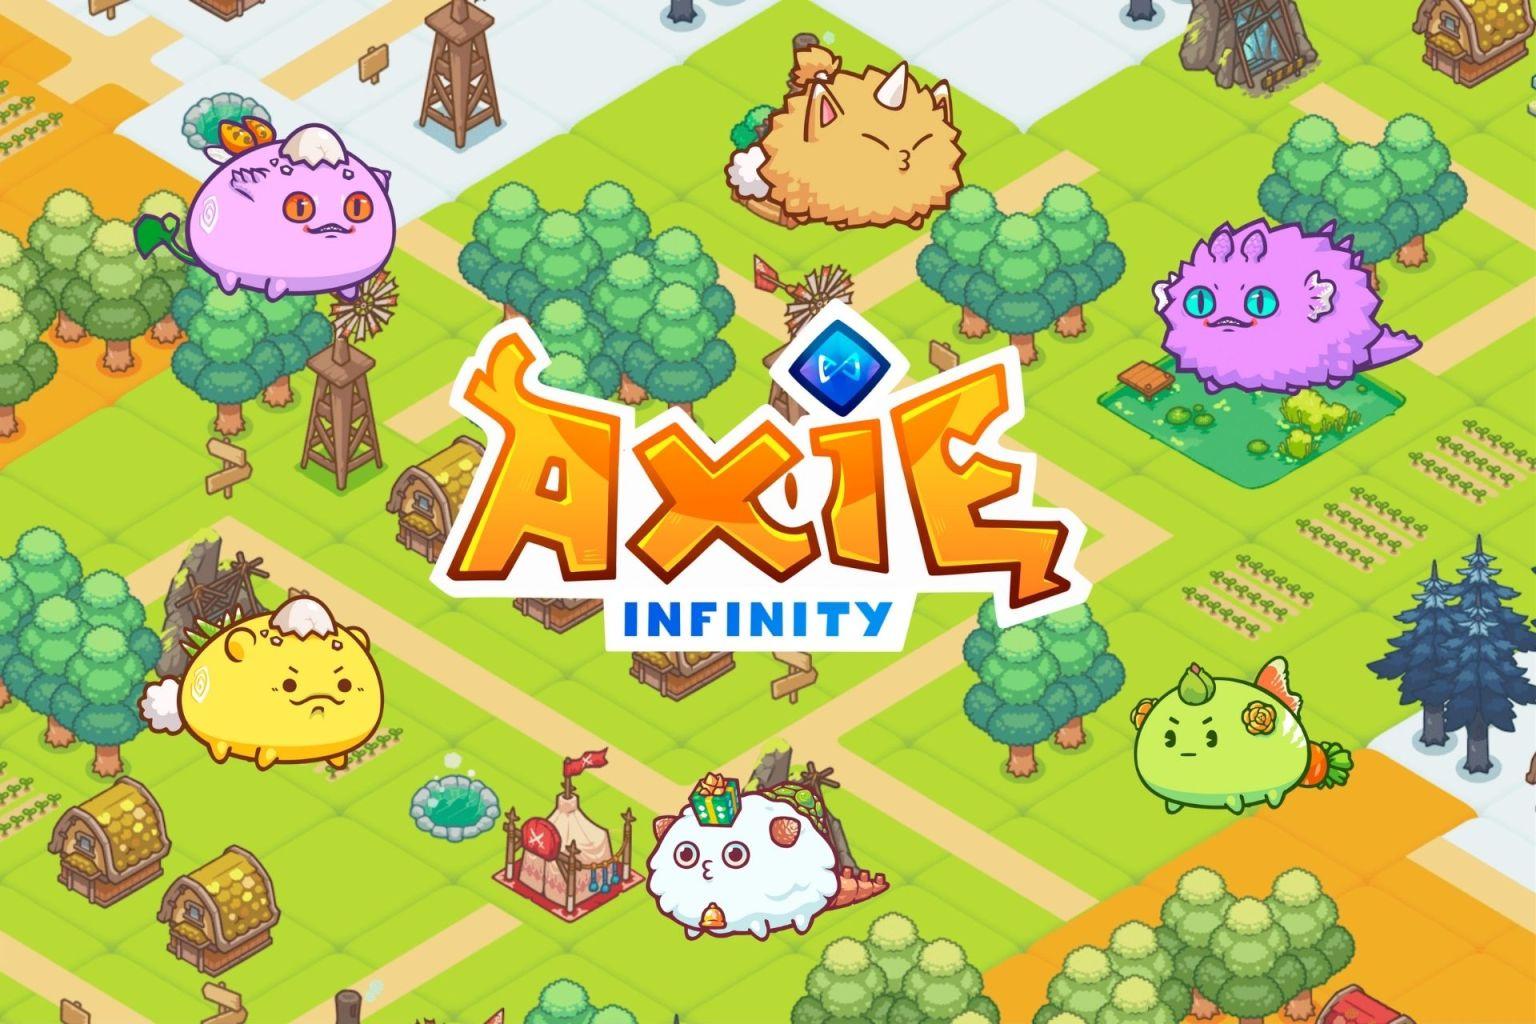 Axie Infinity actualiza su tasa de cría por preocupaciones sobre la economía del juego, en donde un 50% de los usuarios son nuevos en cripto y un 25% desbancarizados, reveló su cofundador